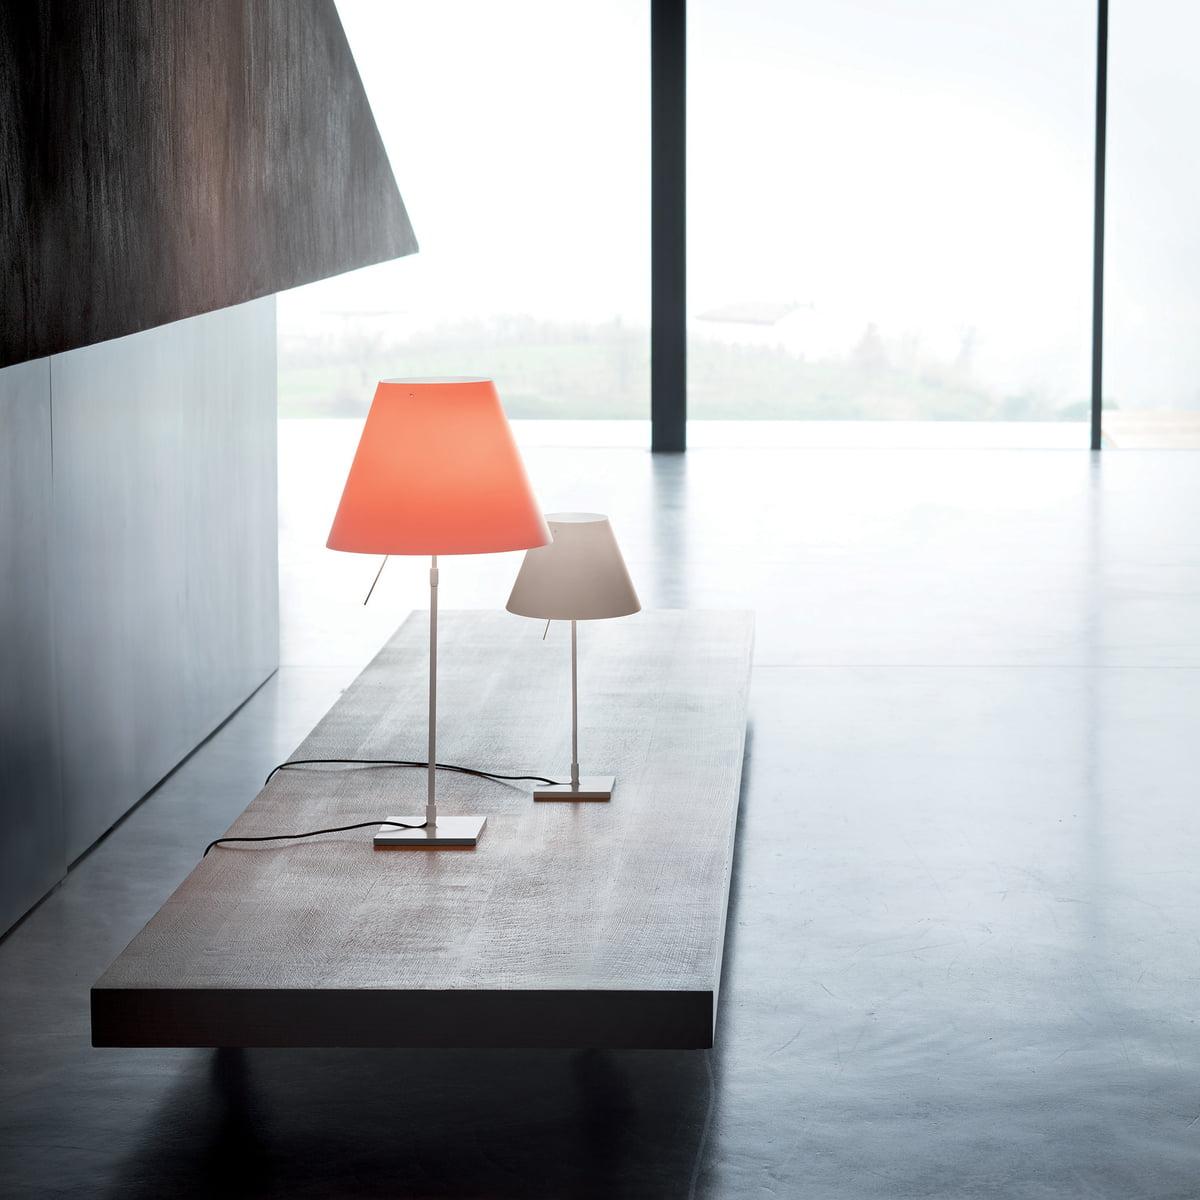 costanzina tischleuchte von luceplan. Black Bedroom Furniture Sets. Home Design Ideas